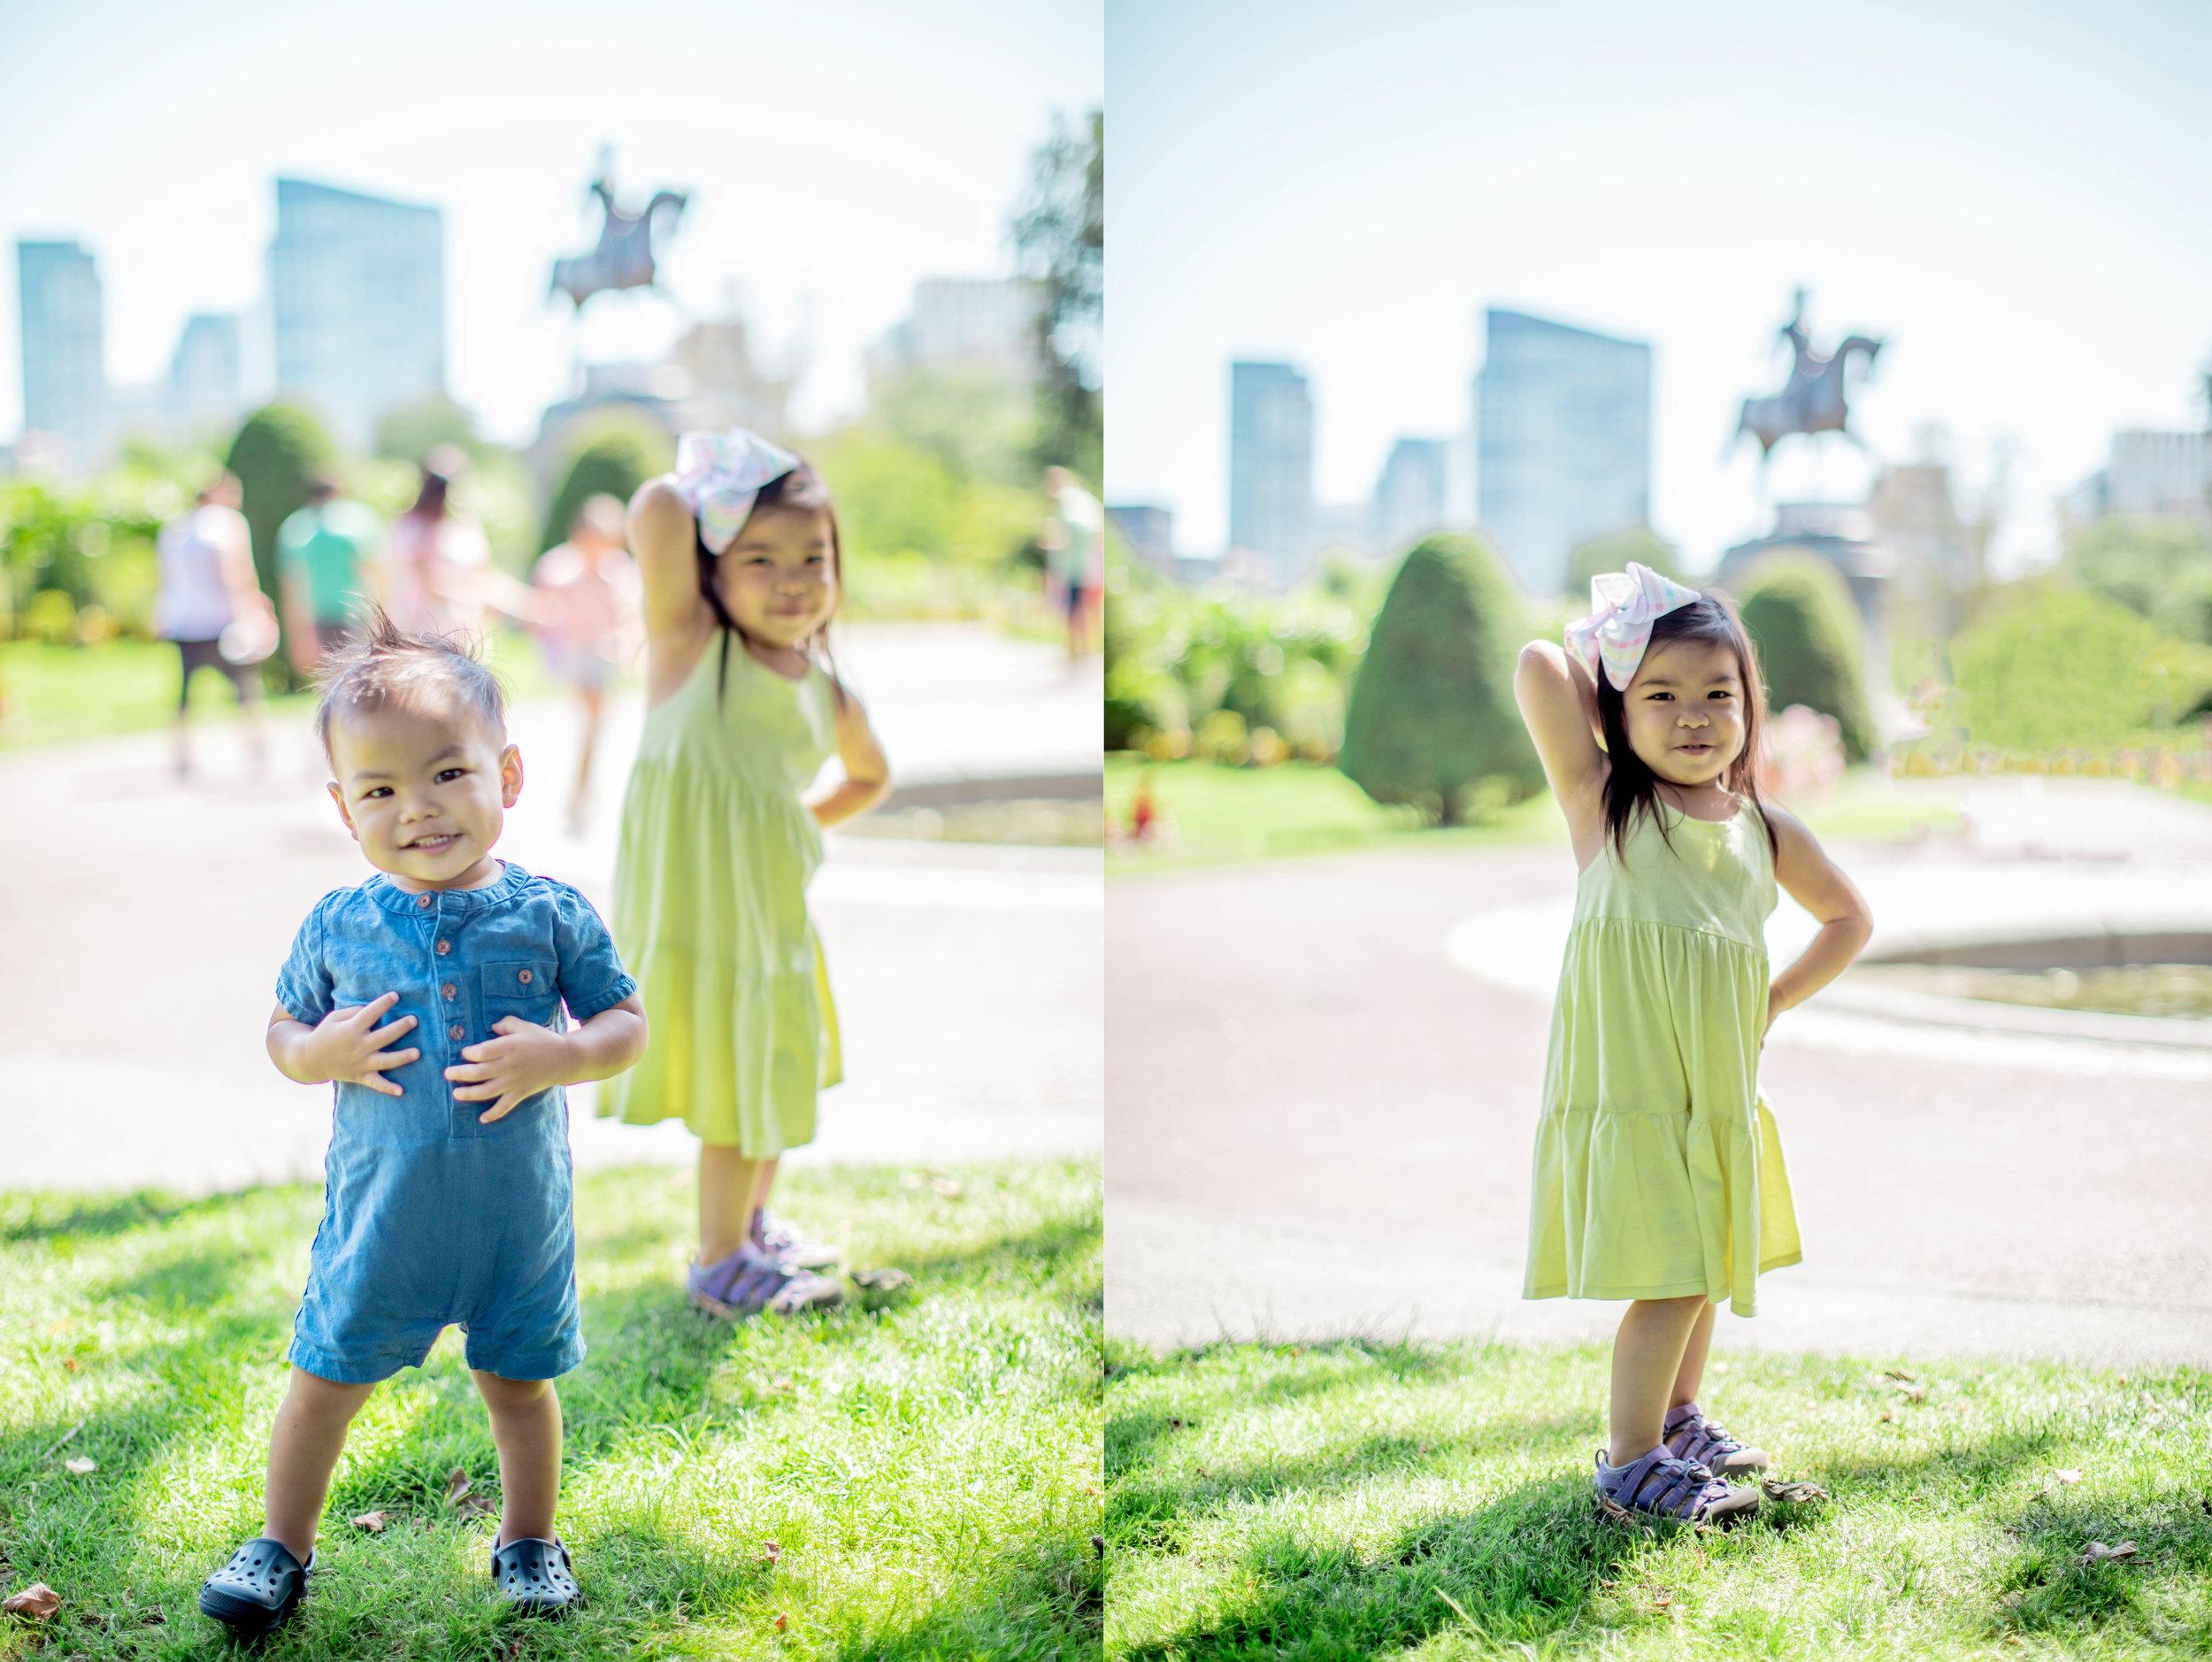 family-summertime-in-boston-eva-loh-18.jpg